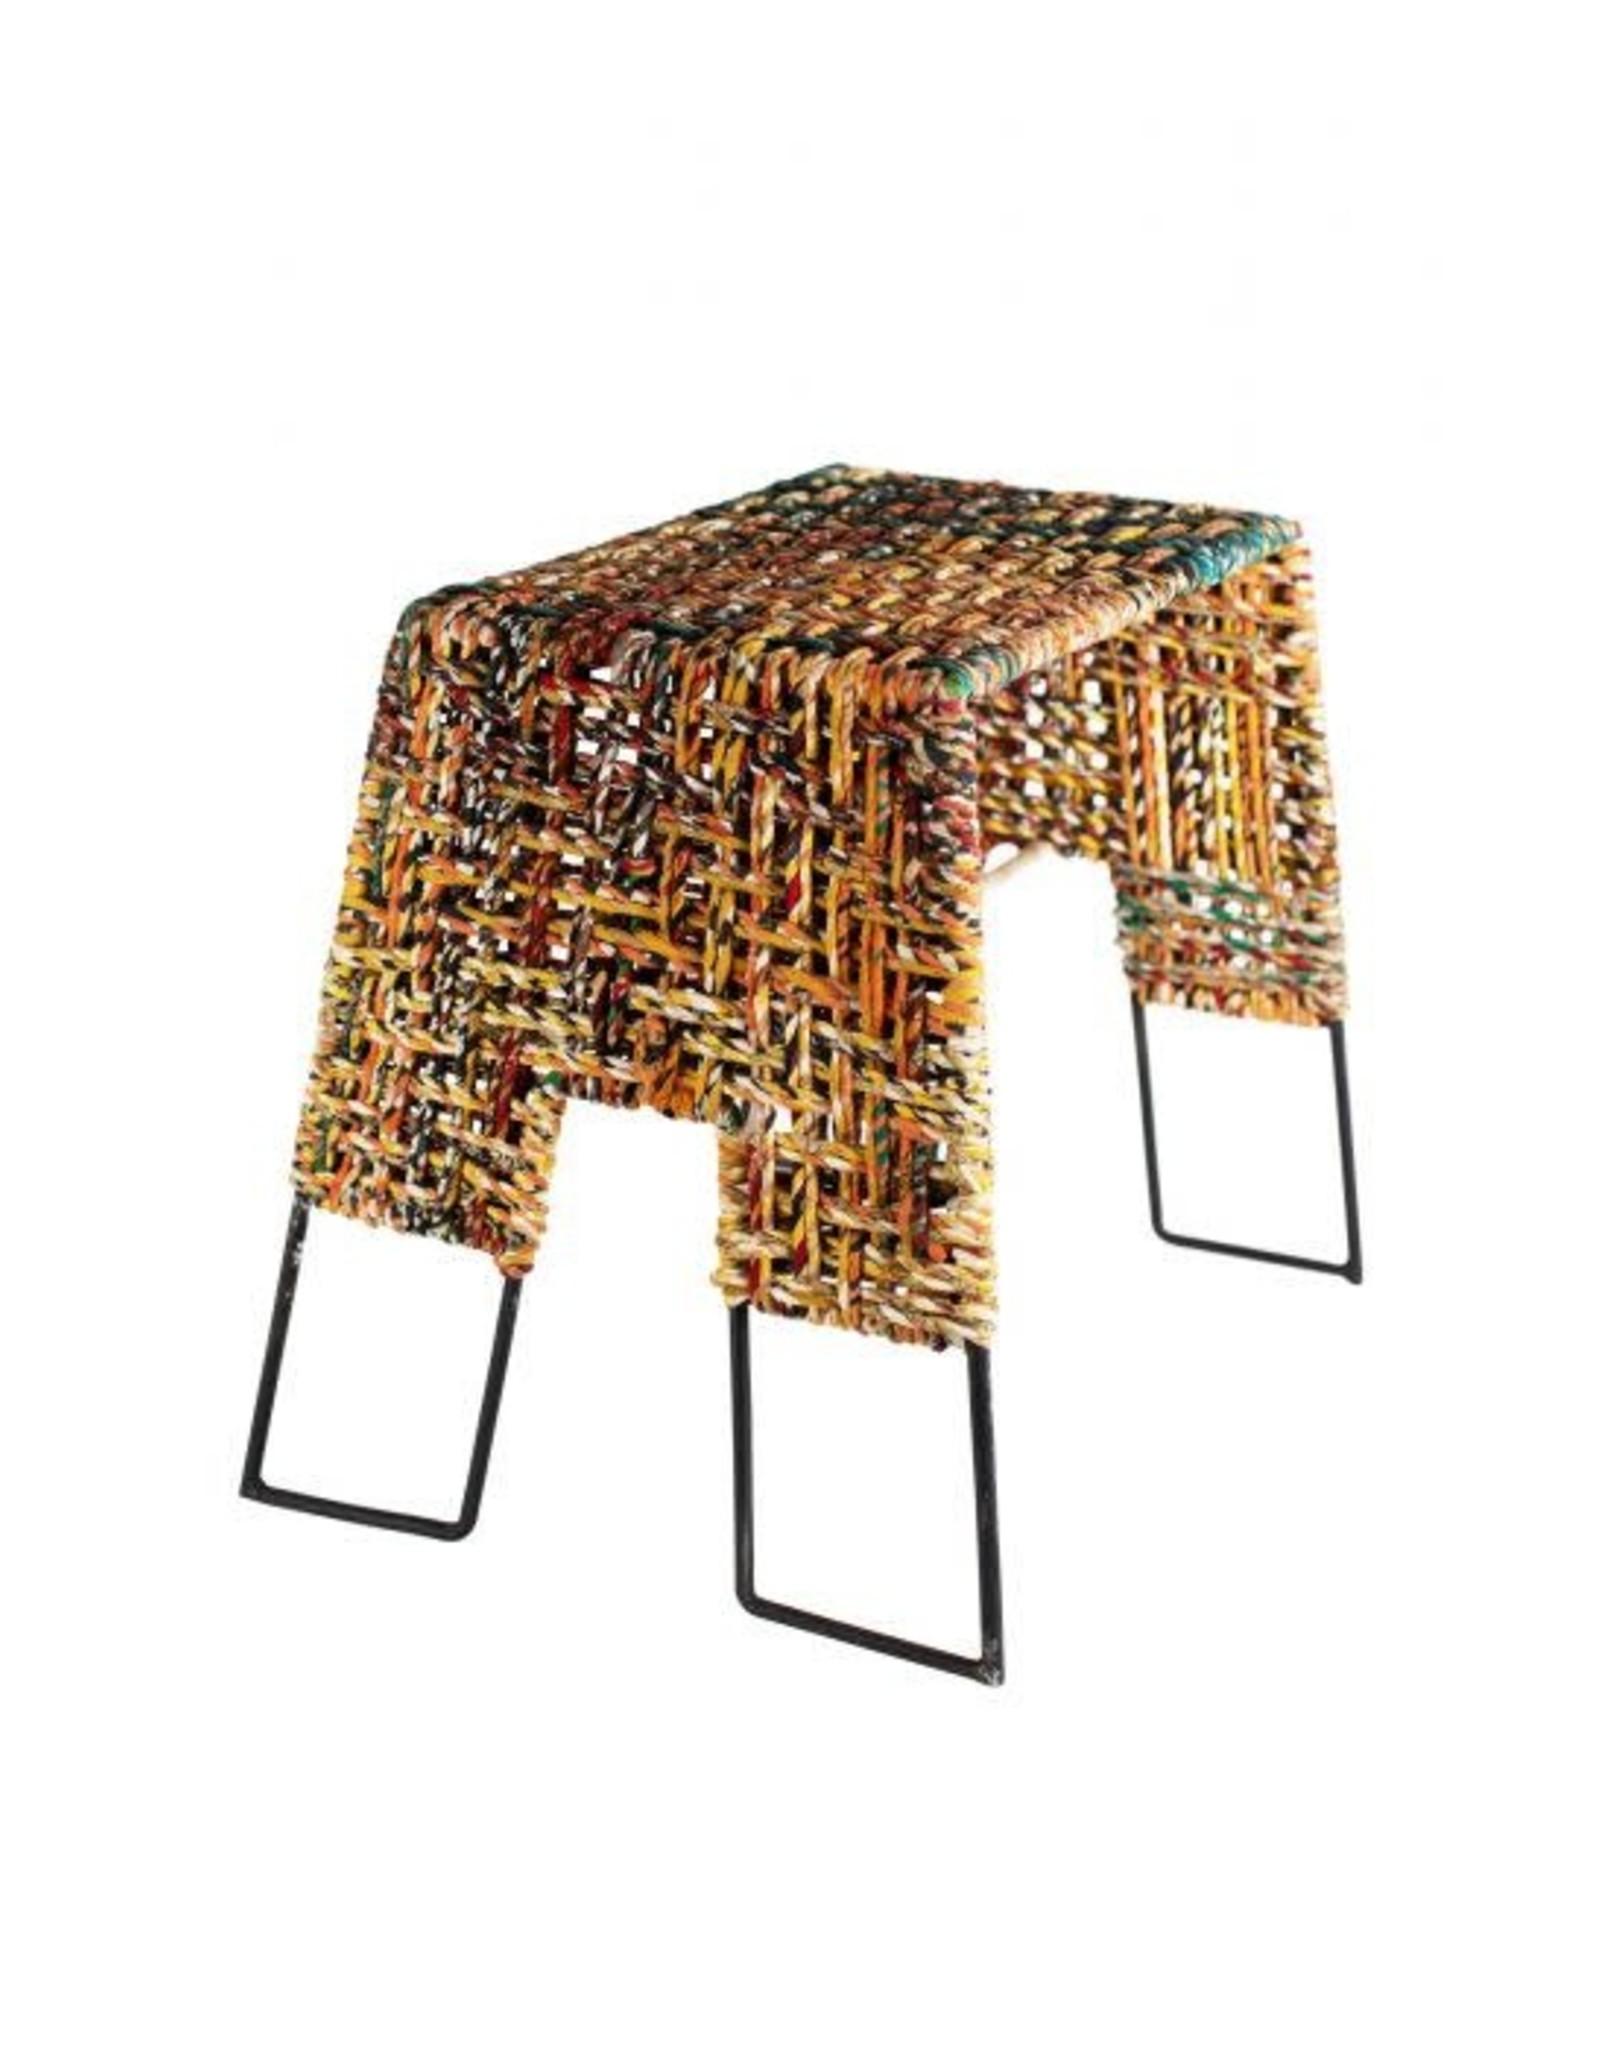 Recycled Sari Stool